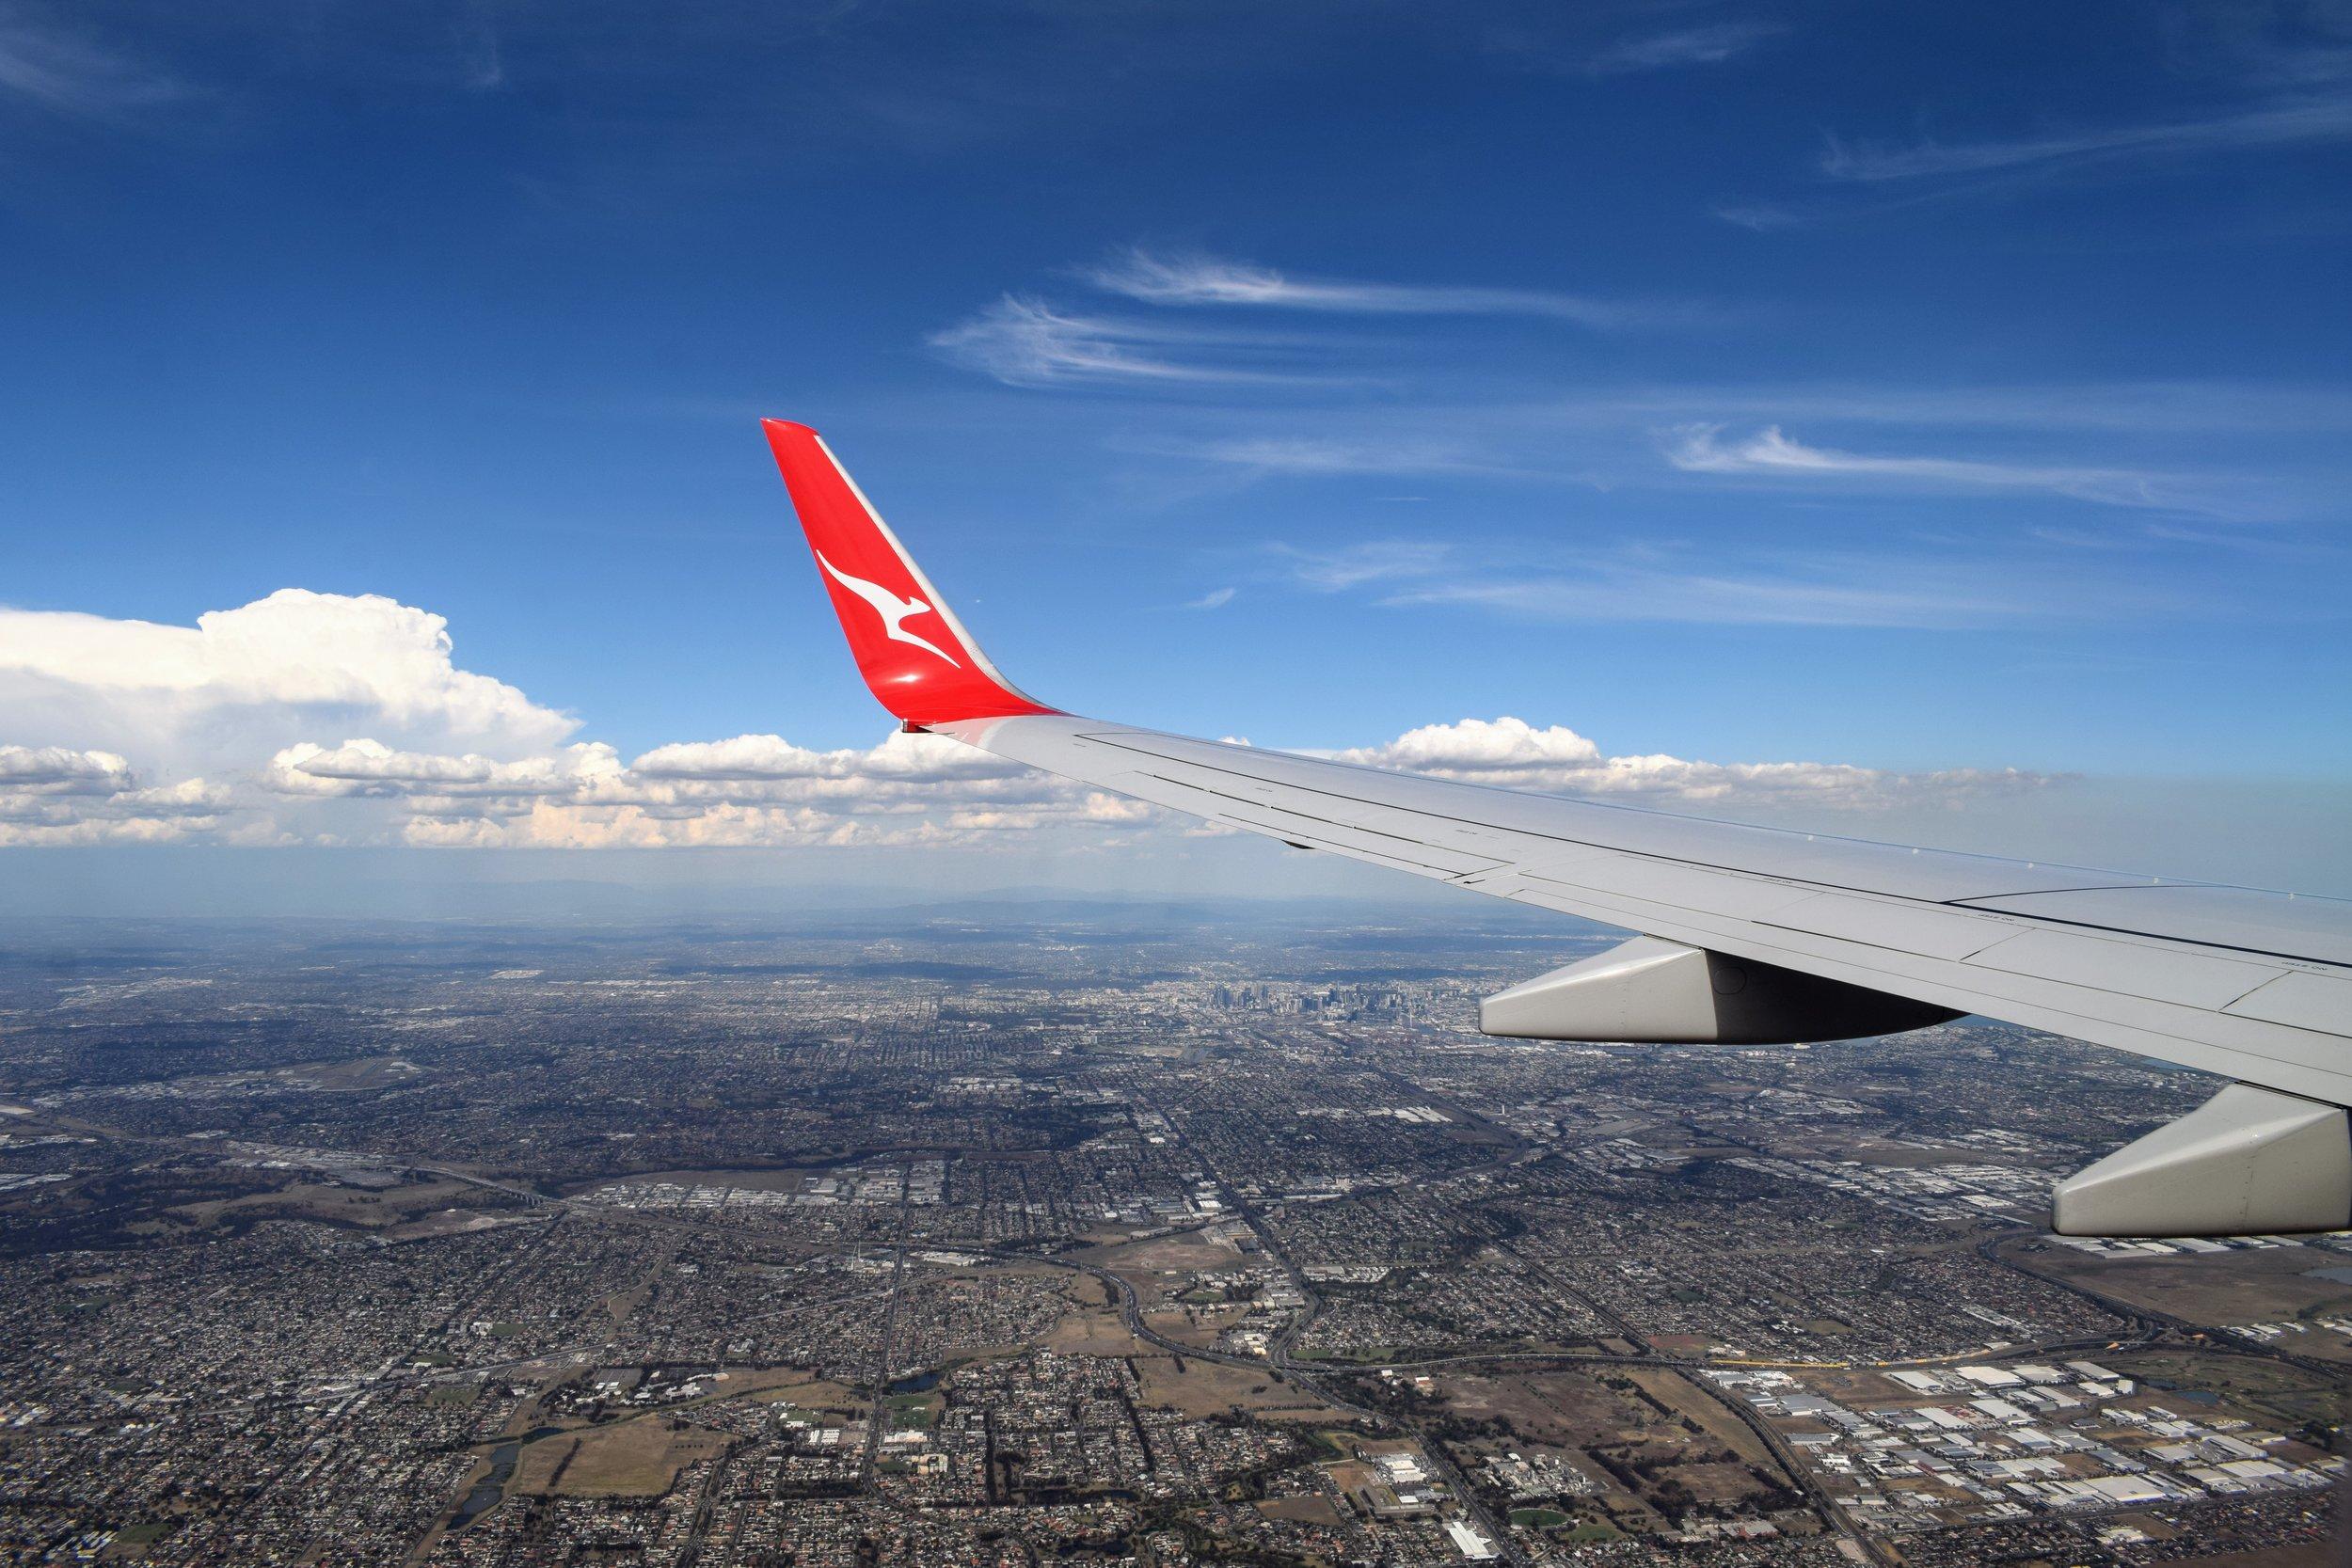 On a QANTAS flight to Melbourne, Australia.